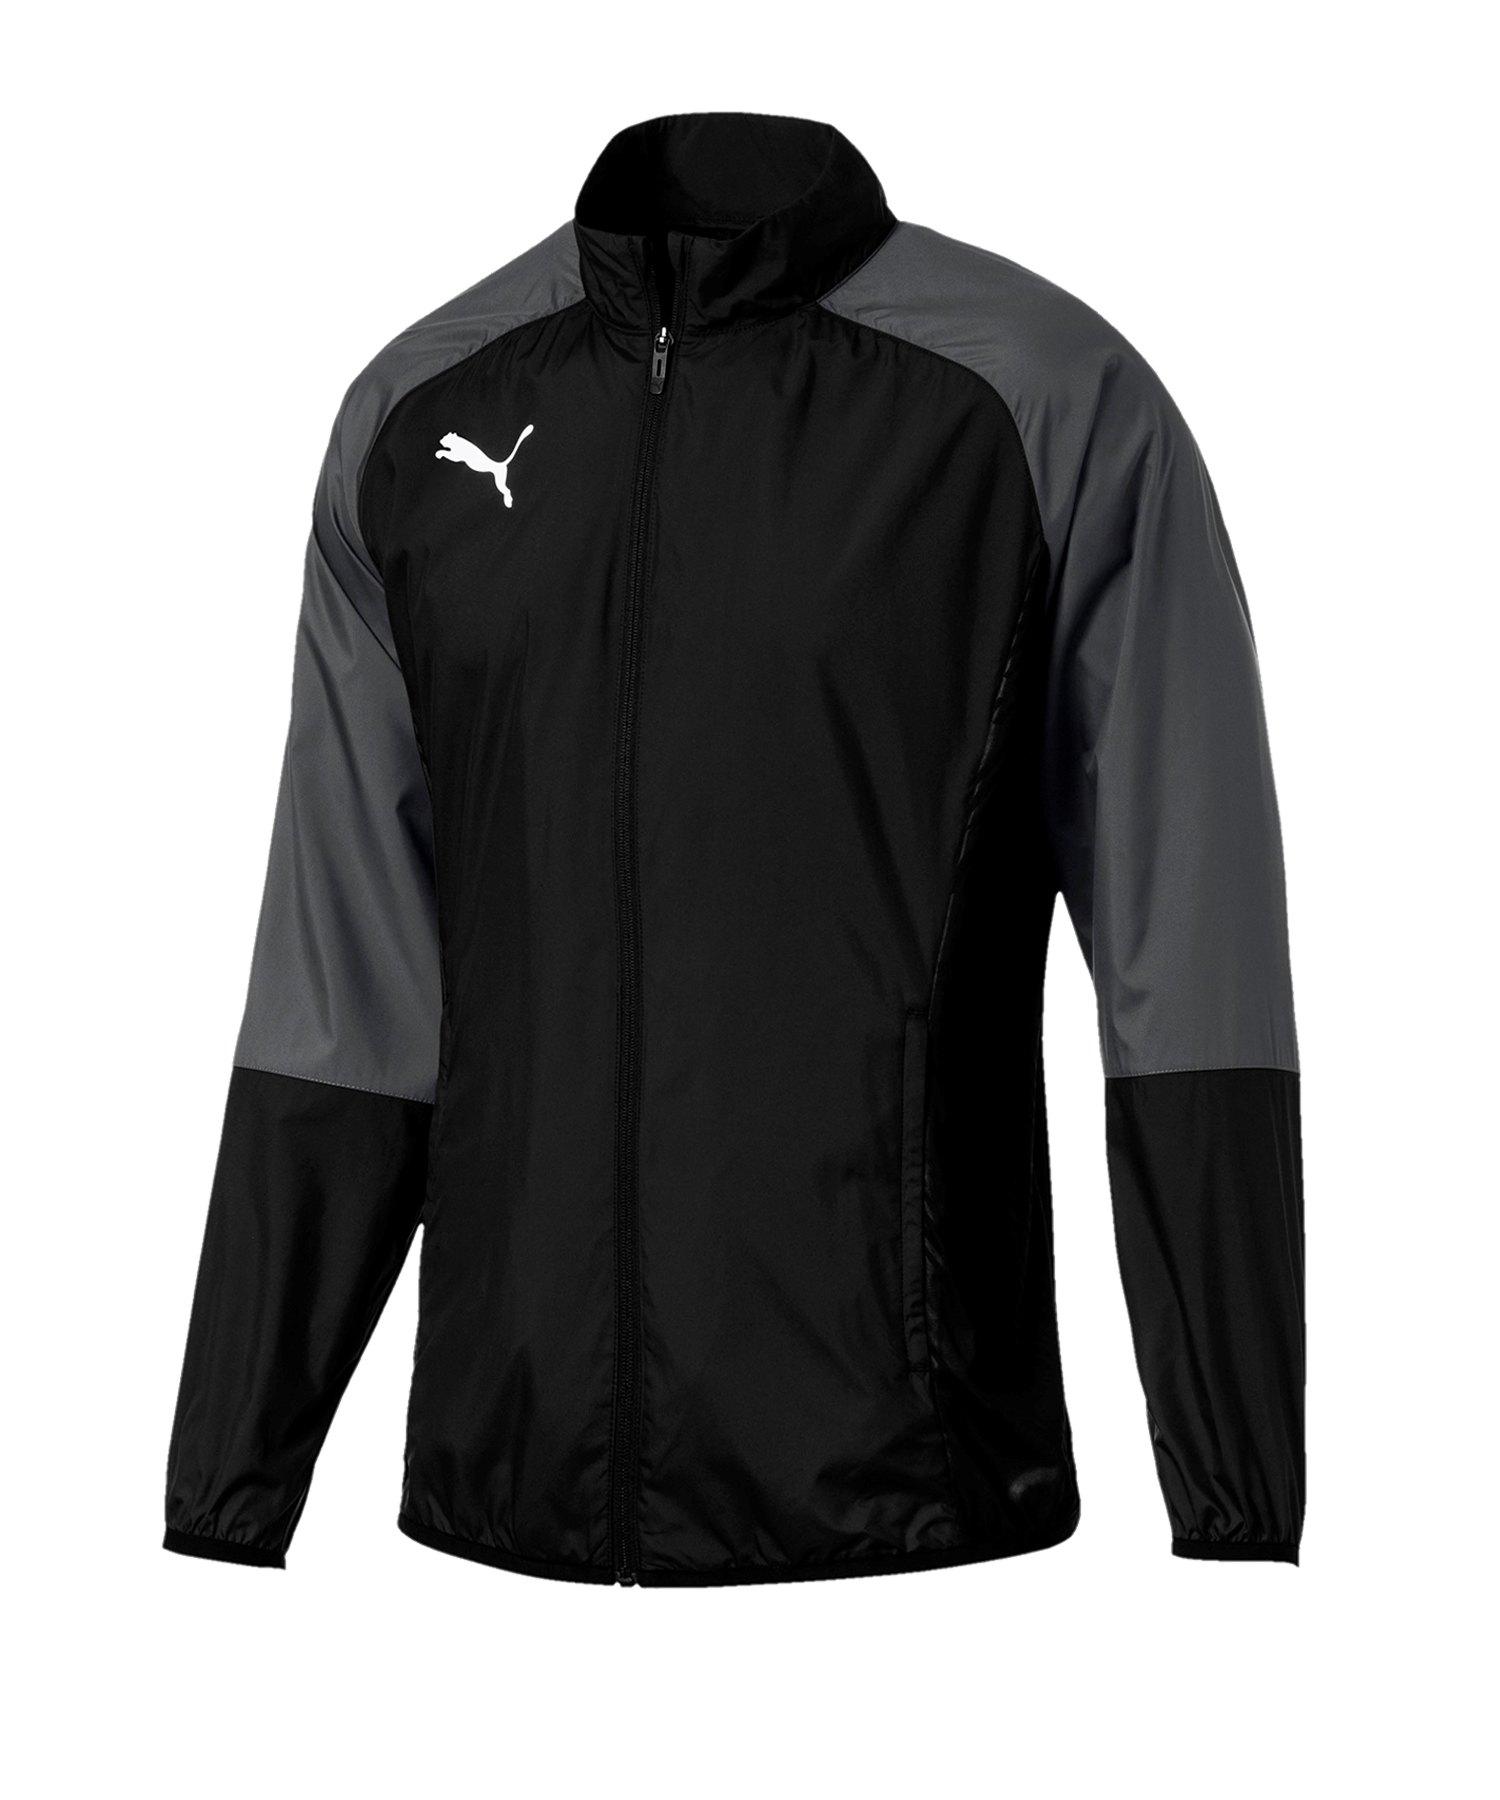 PUMA CUP Sideline Core Woven Jacket Kids F03 - schwarz